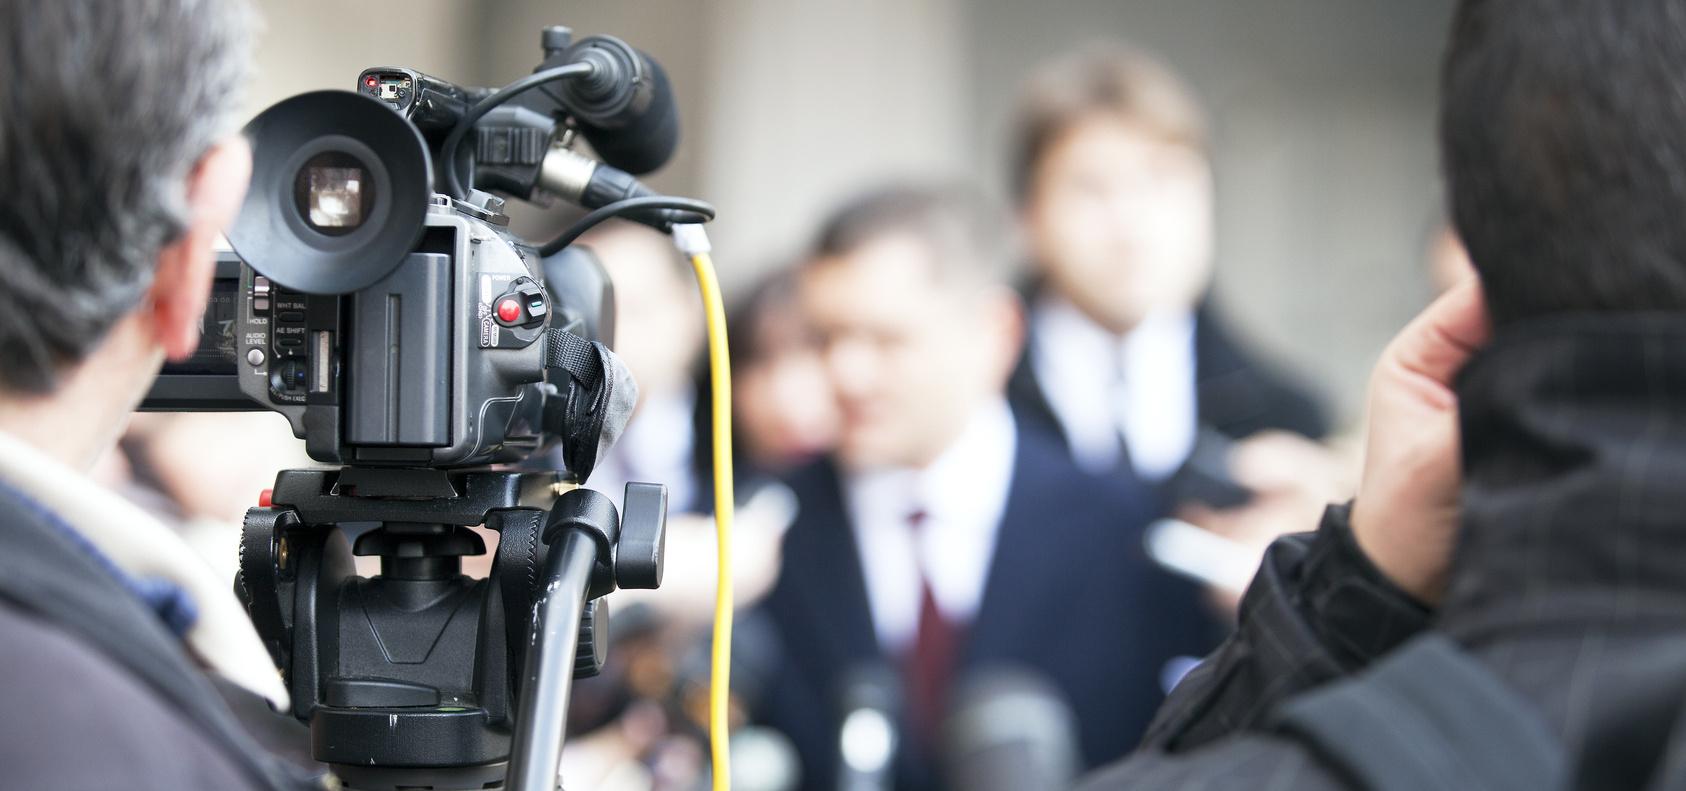 Sprawdź najbardziej opiniotwórcze media września RMF FM Mediarun Com Media